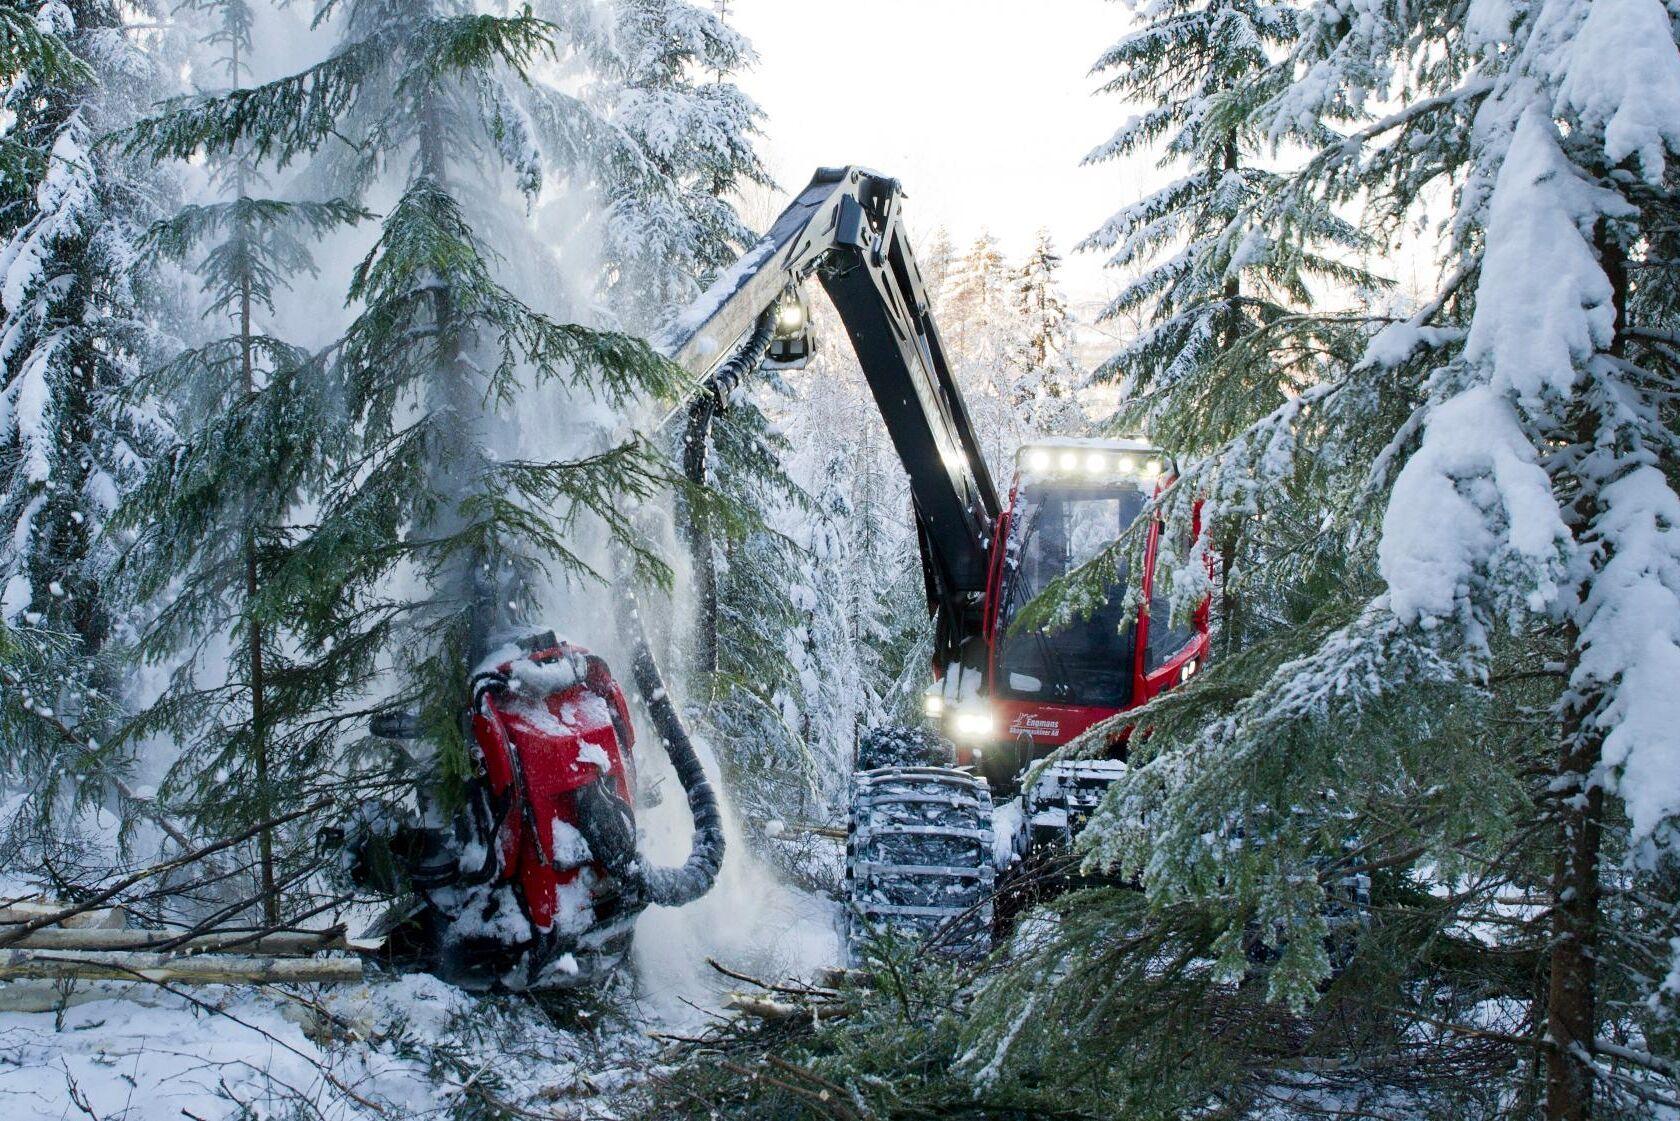 Sveriges regering, riksdag och skogsbransch har vänt sig emot EU-kommissionens förslag och anser att konventionellt skogsbruk ska betraktas som hållbart.